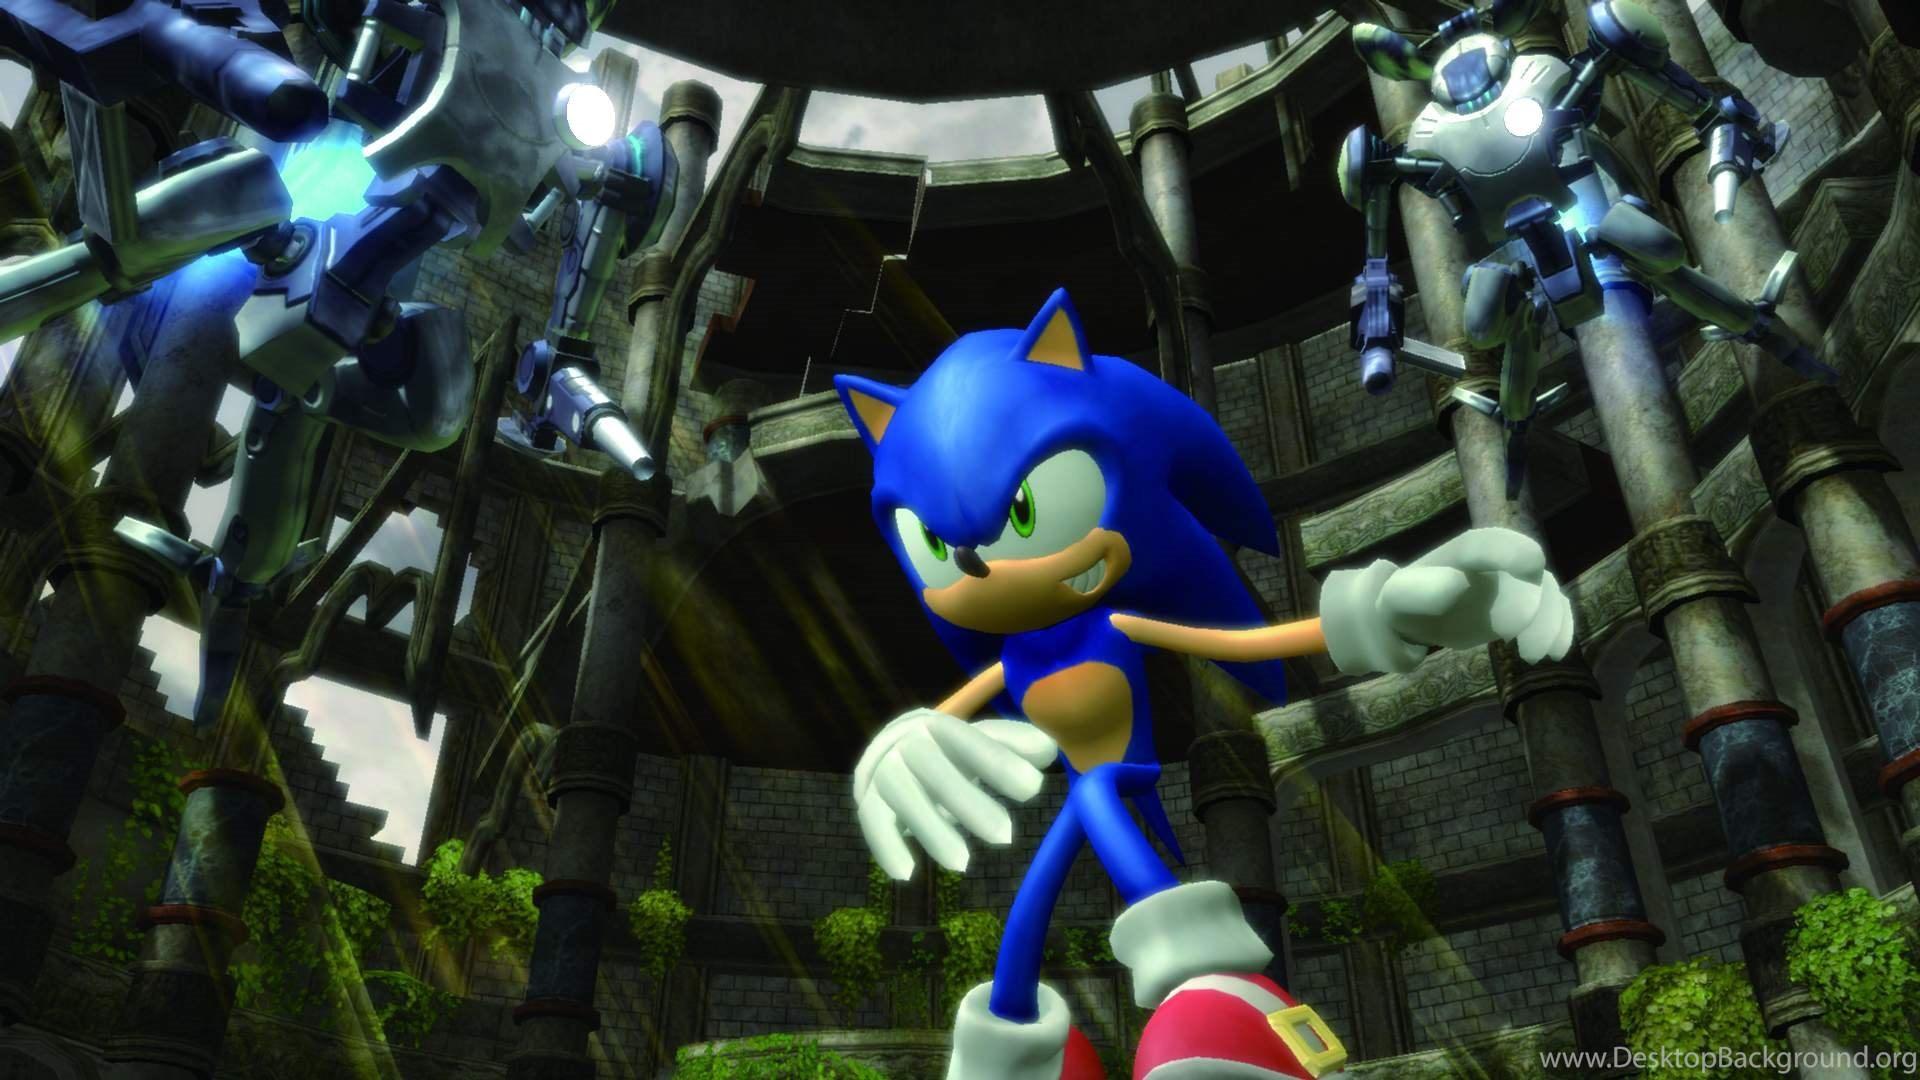 Sonic The Hedgehog 2006 Computer Wallpapers Desktop Backgrounds